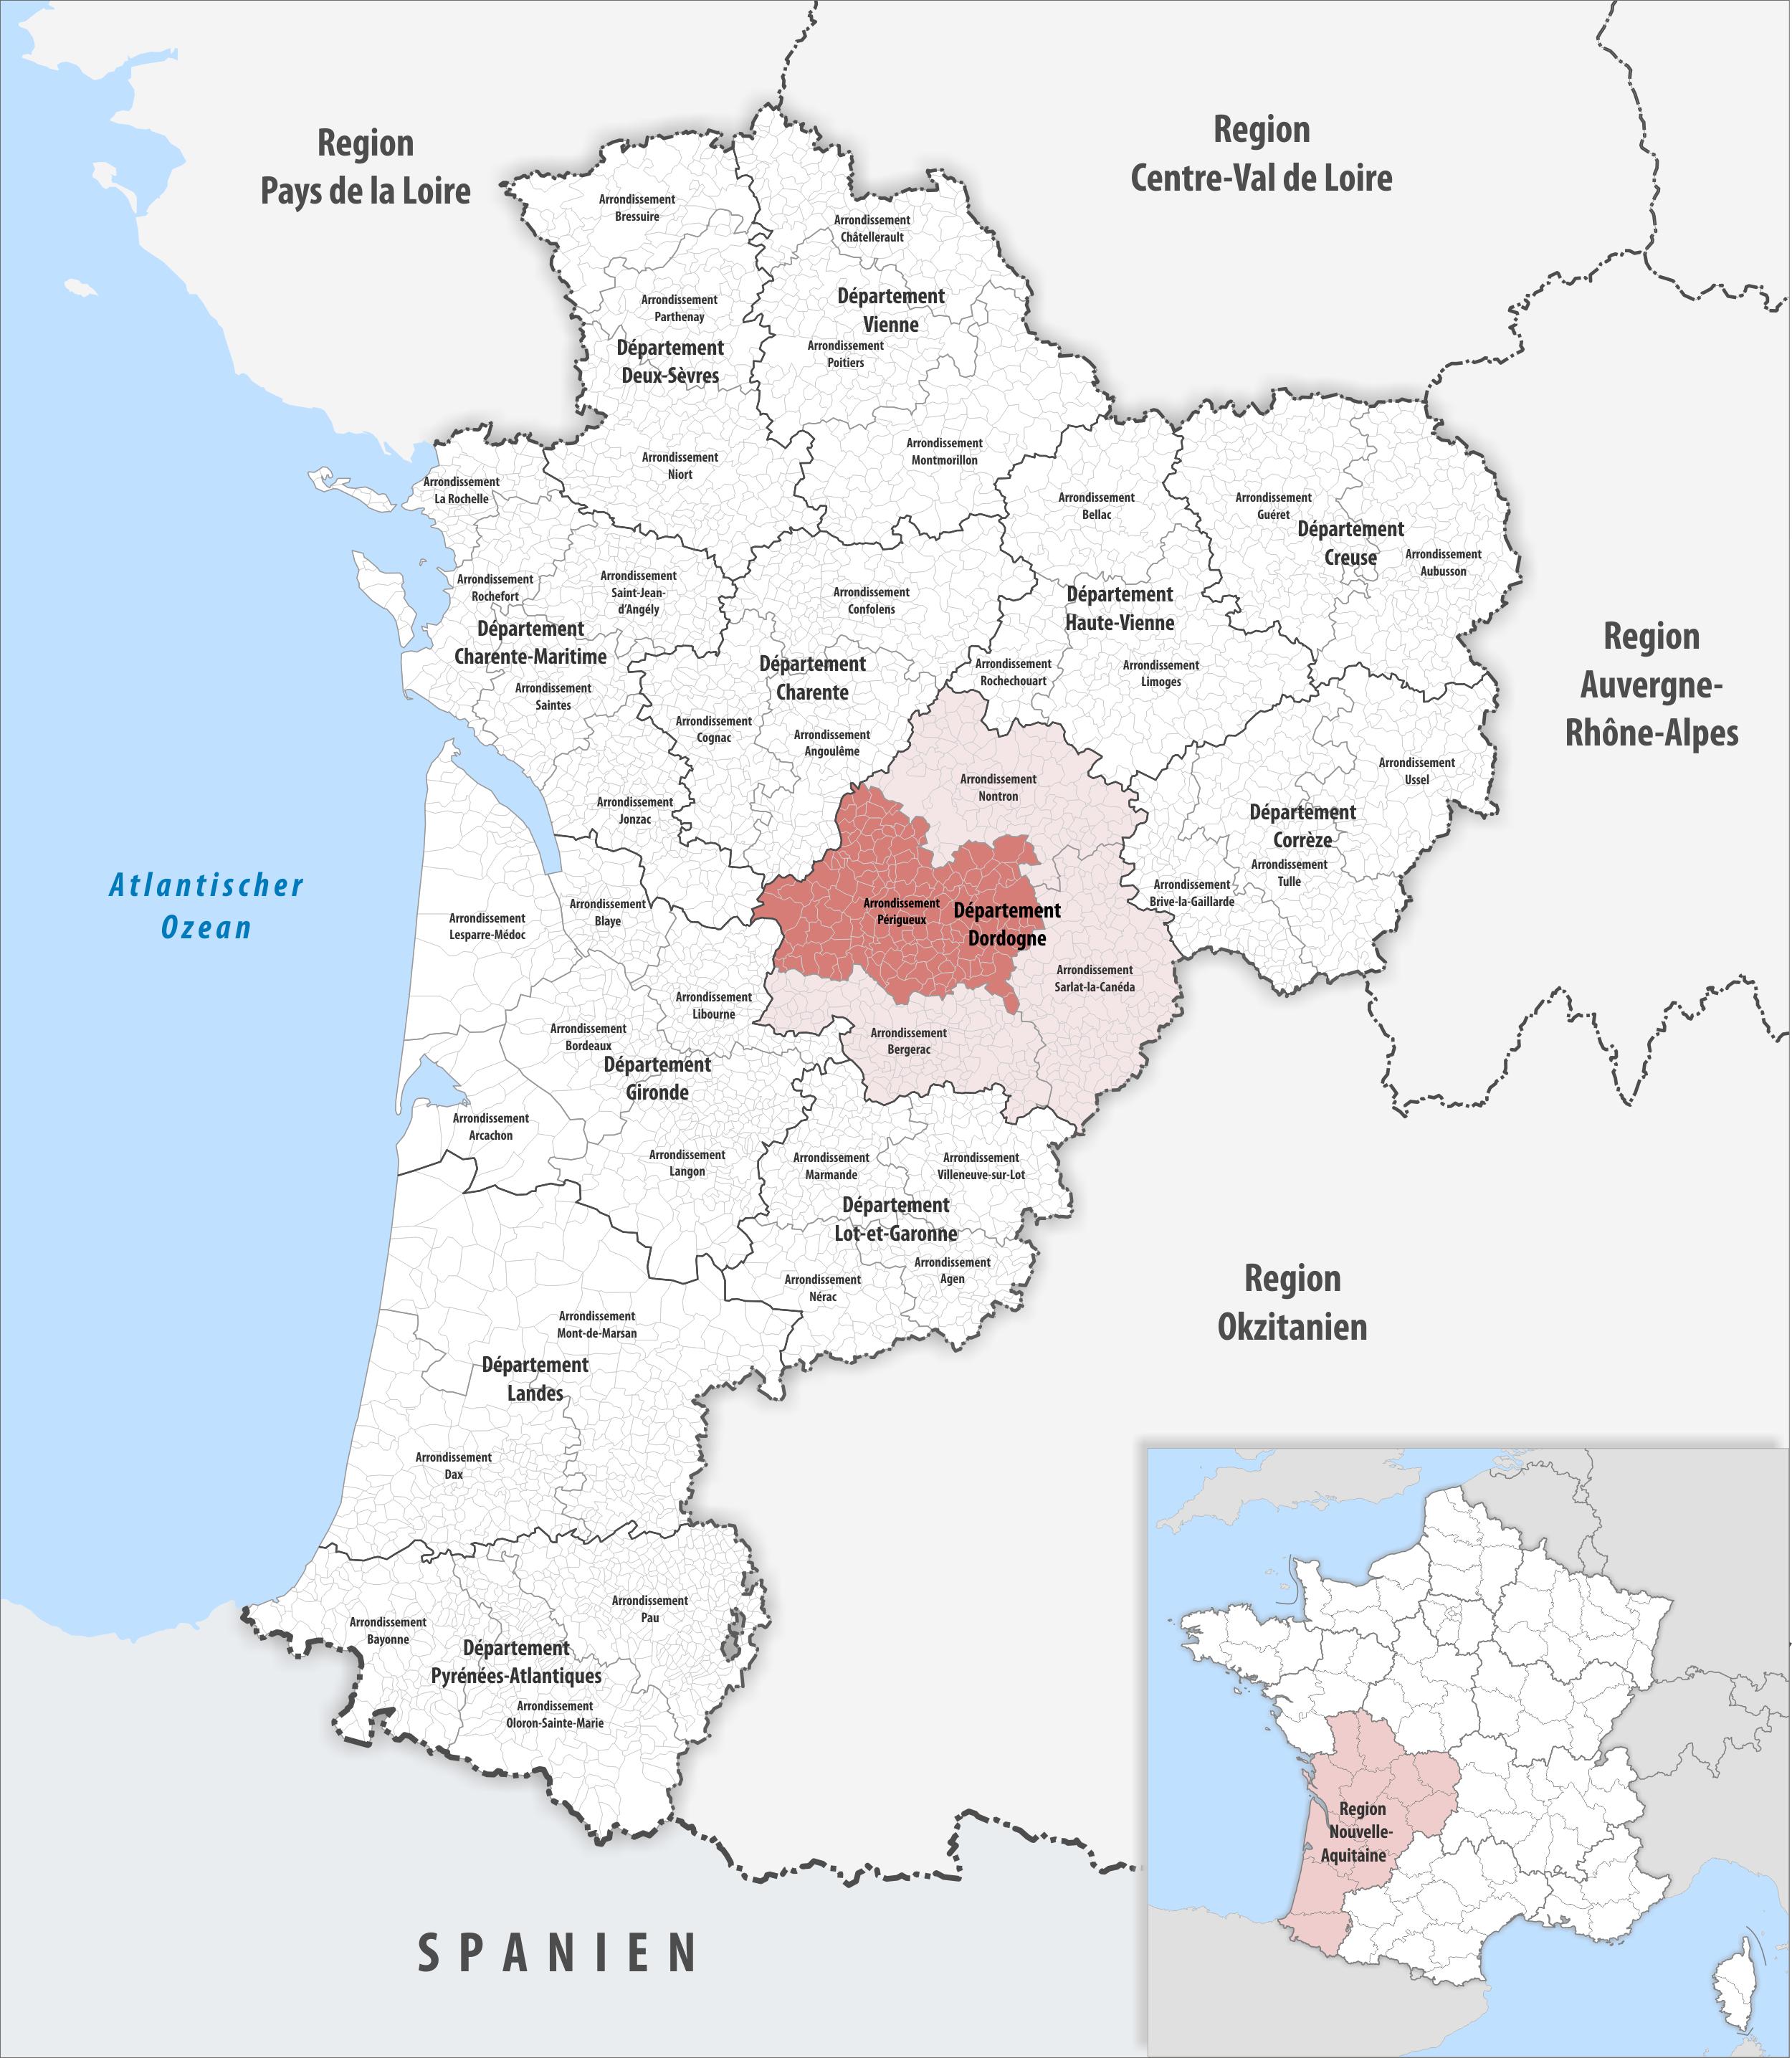 perigueux region aquitaine